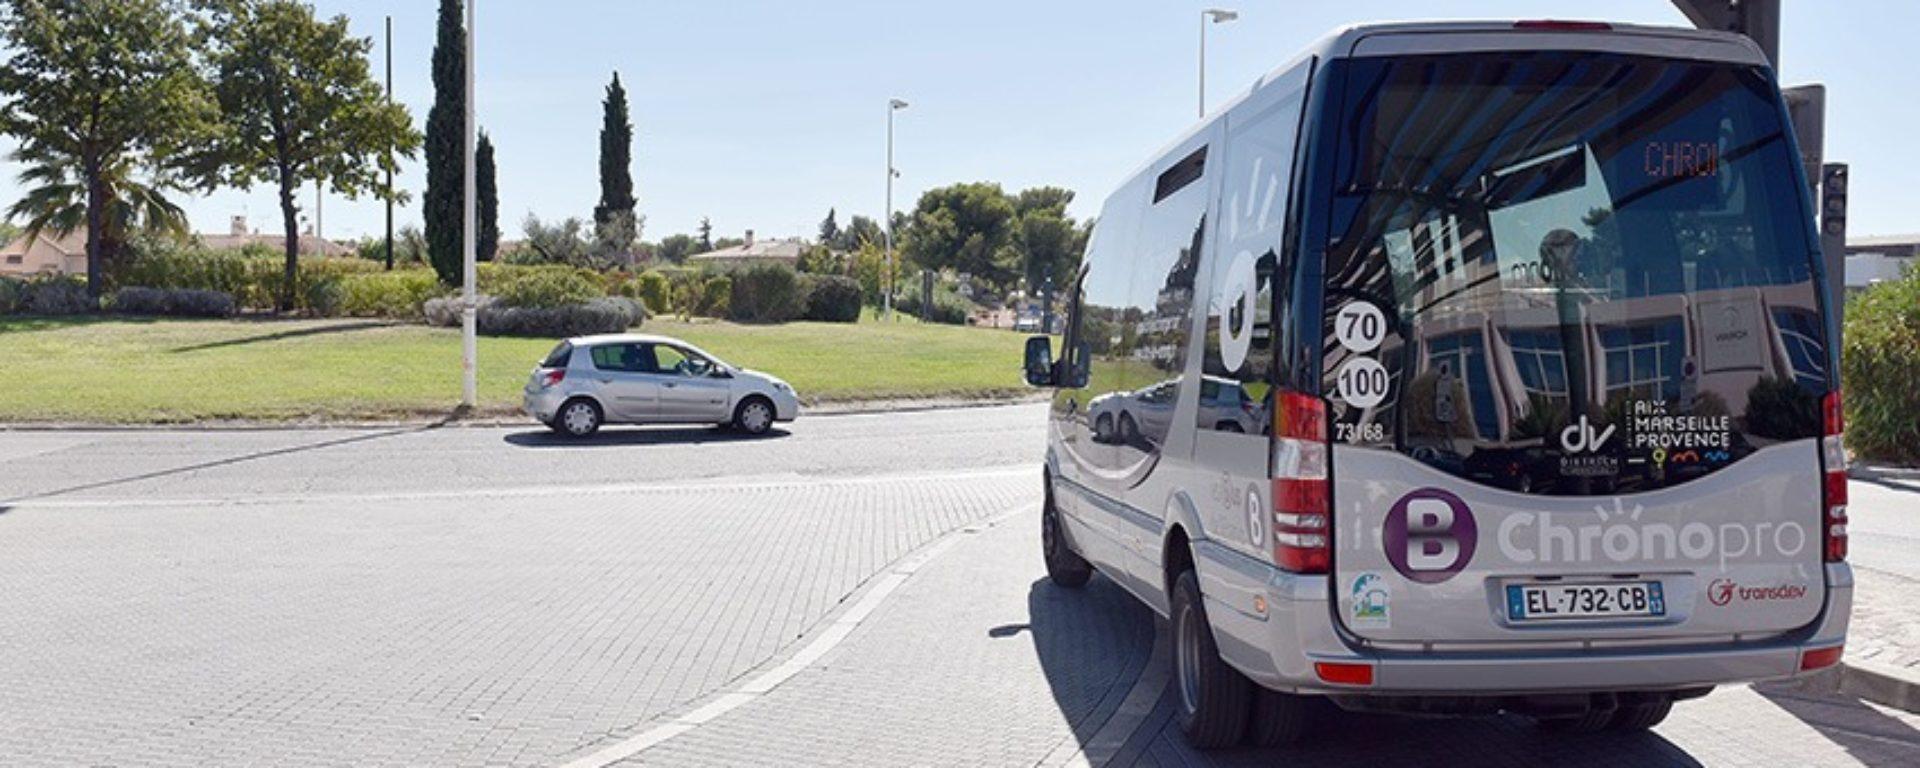 mobilité-transdev-kilometre